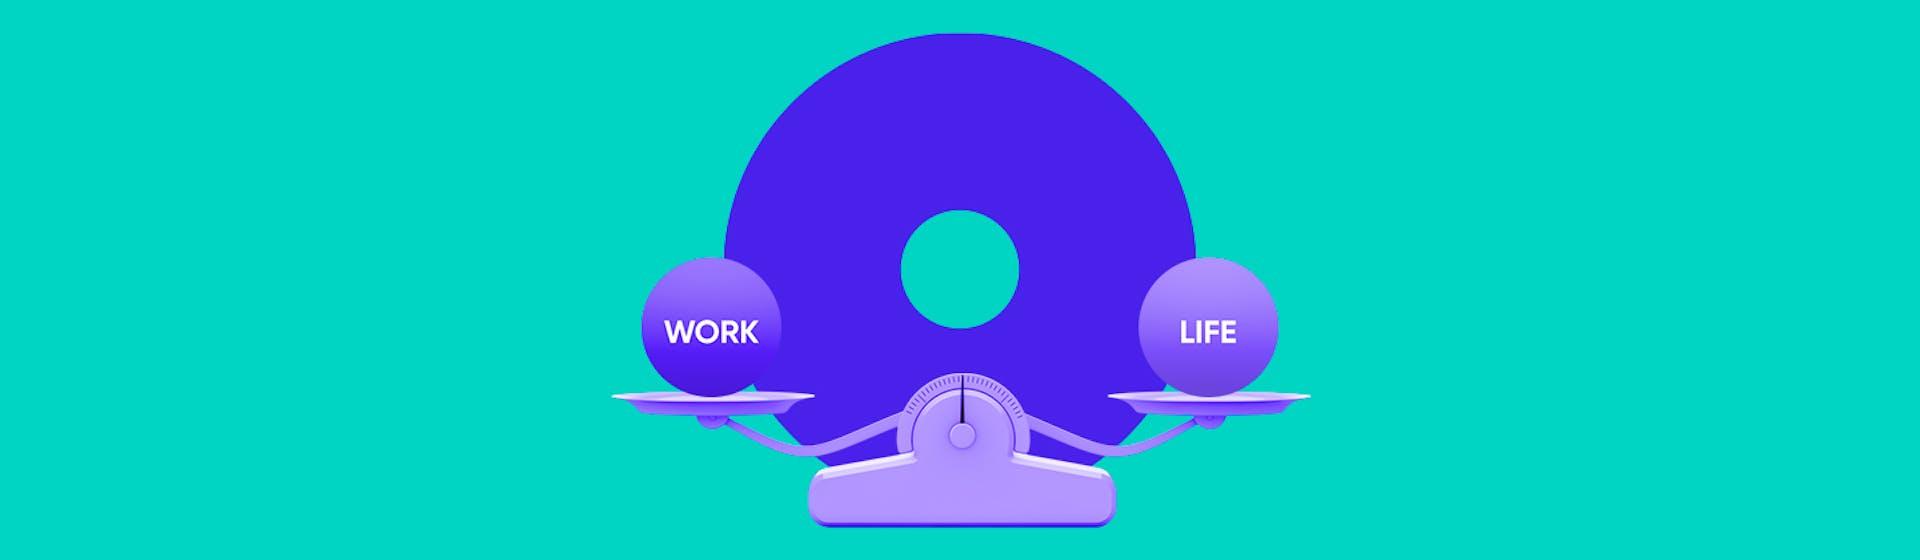 Flexibilidad laboral: ¿Por qué es importante para lograr el éxito?